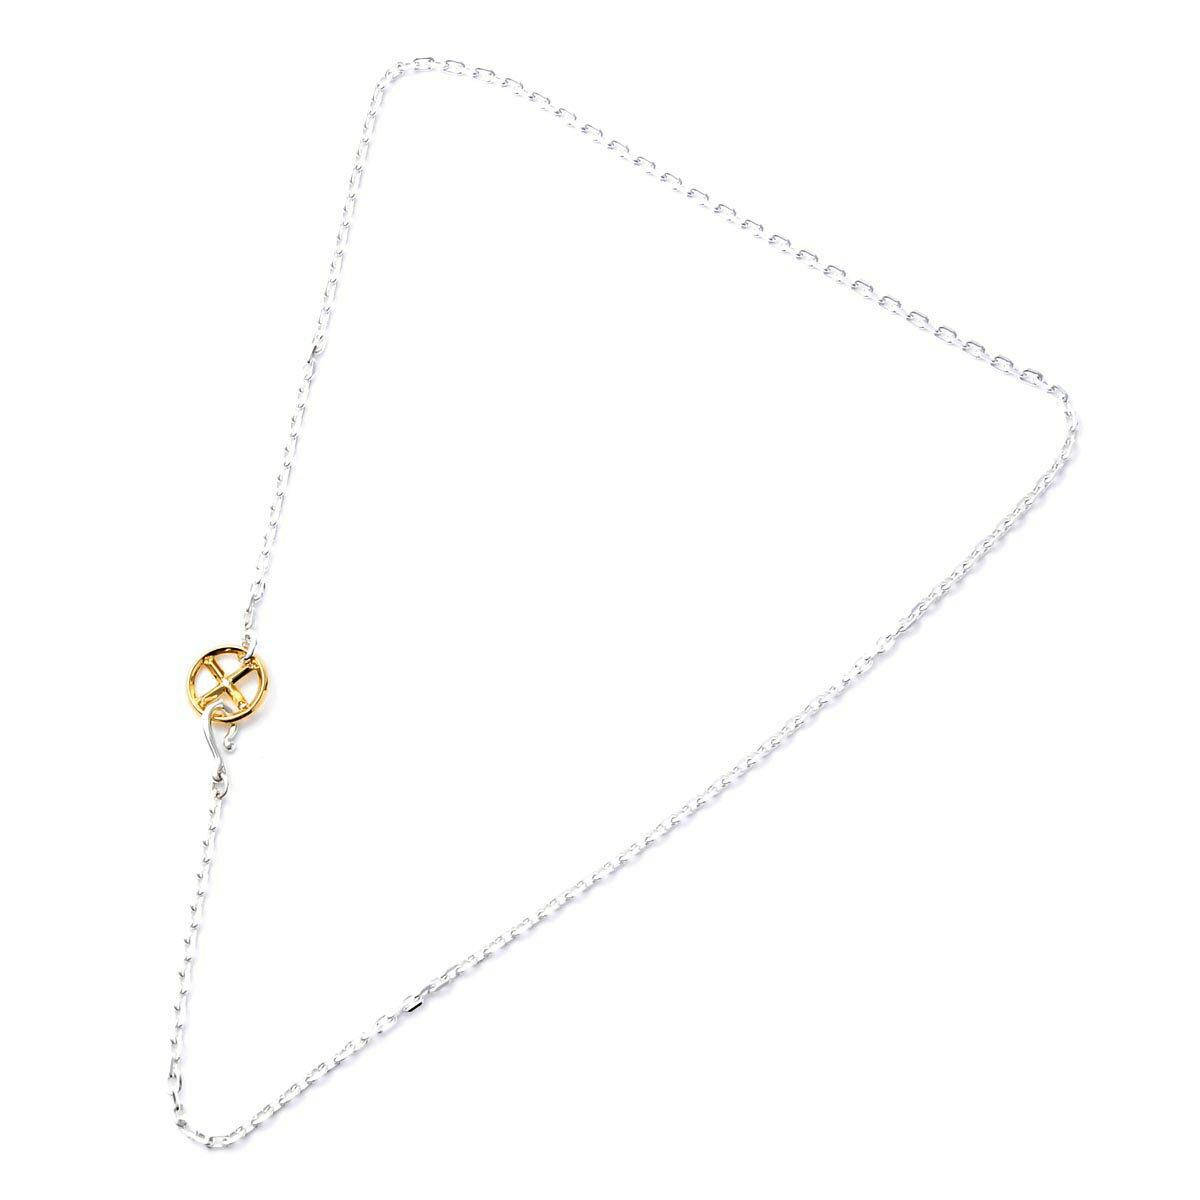 メンズジュエリー・アクセサリー, ネックレス・ペンダント  GARDEL gdchk031 sv diamond 60cm